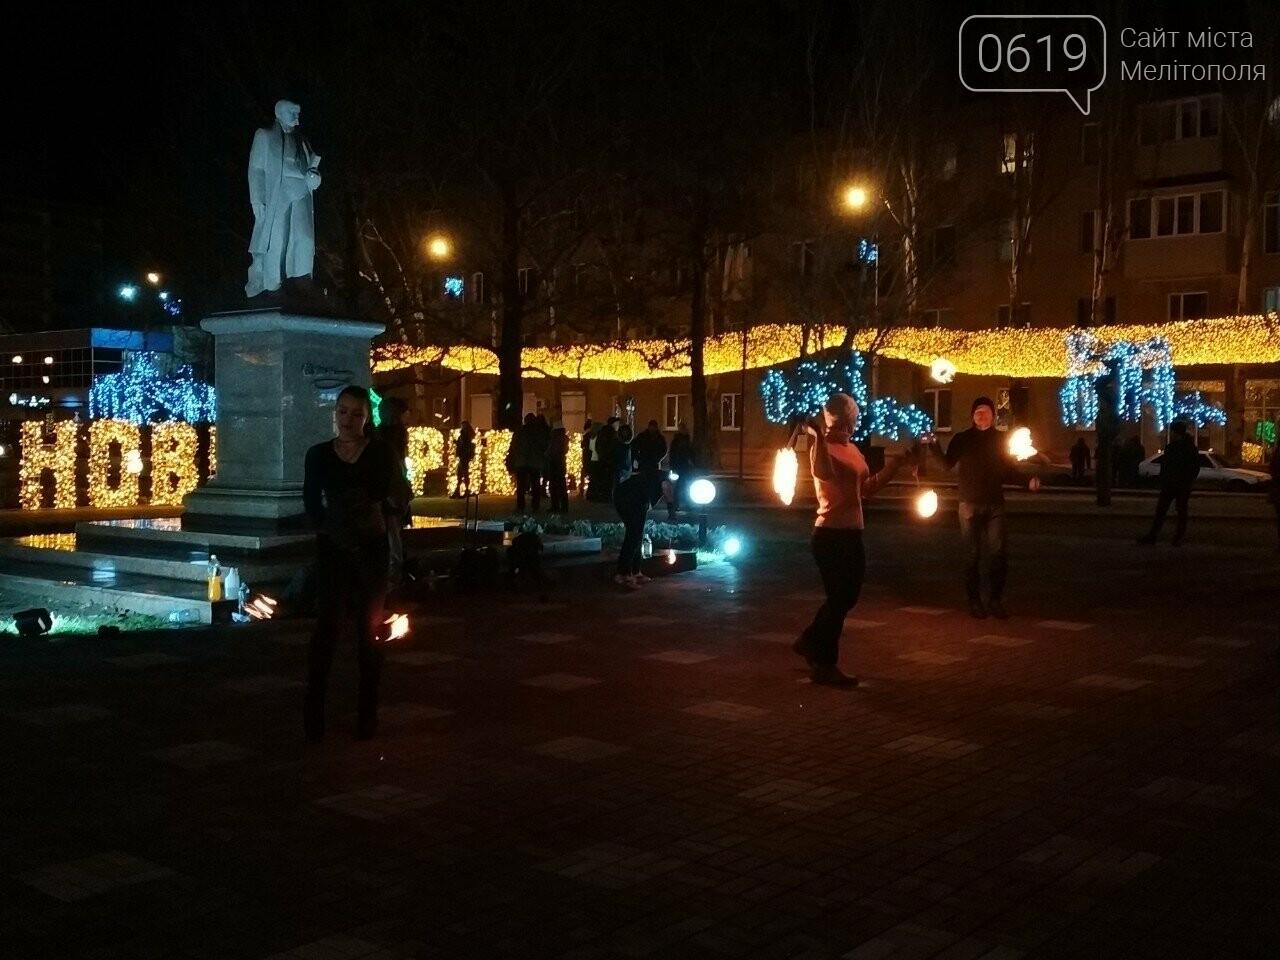 В центре Мелитополя устроили огненное шоу, фото-1, Фото сайта 0619